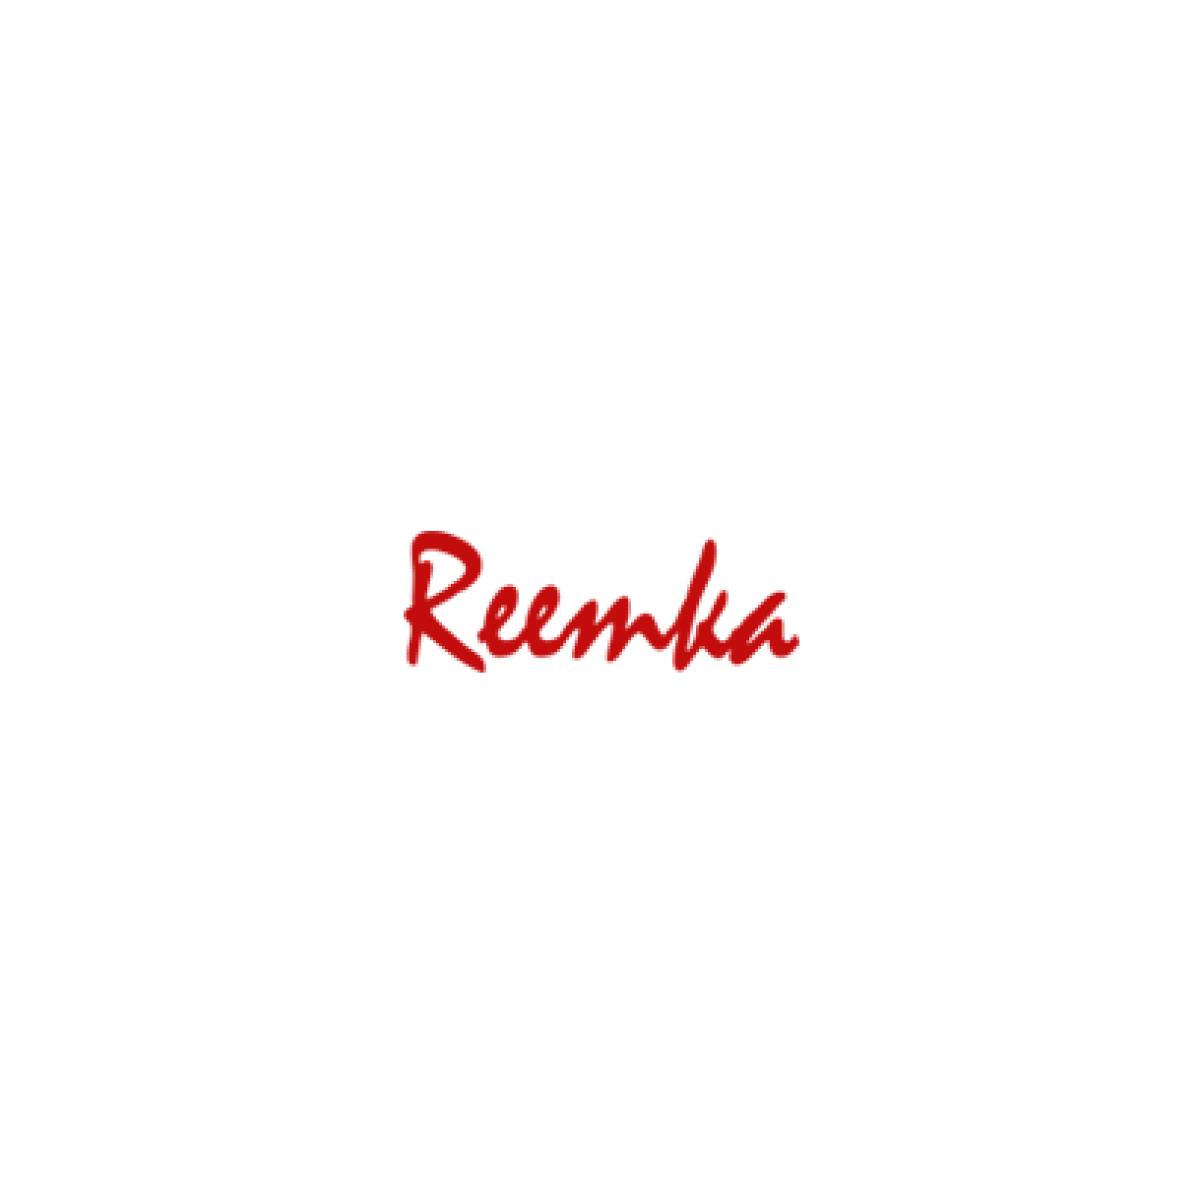 reemka